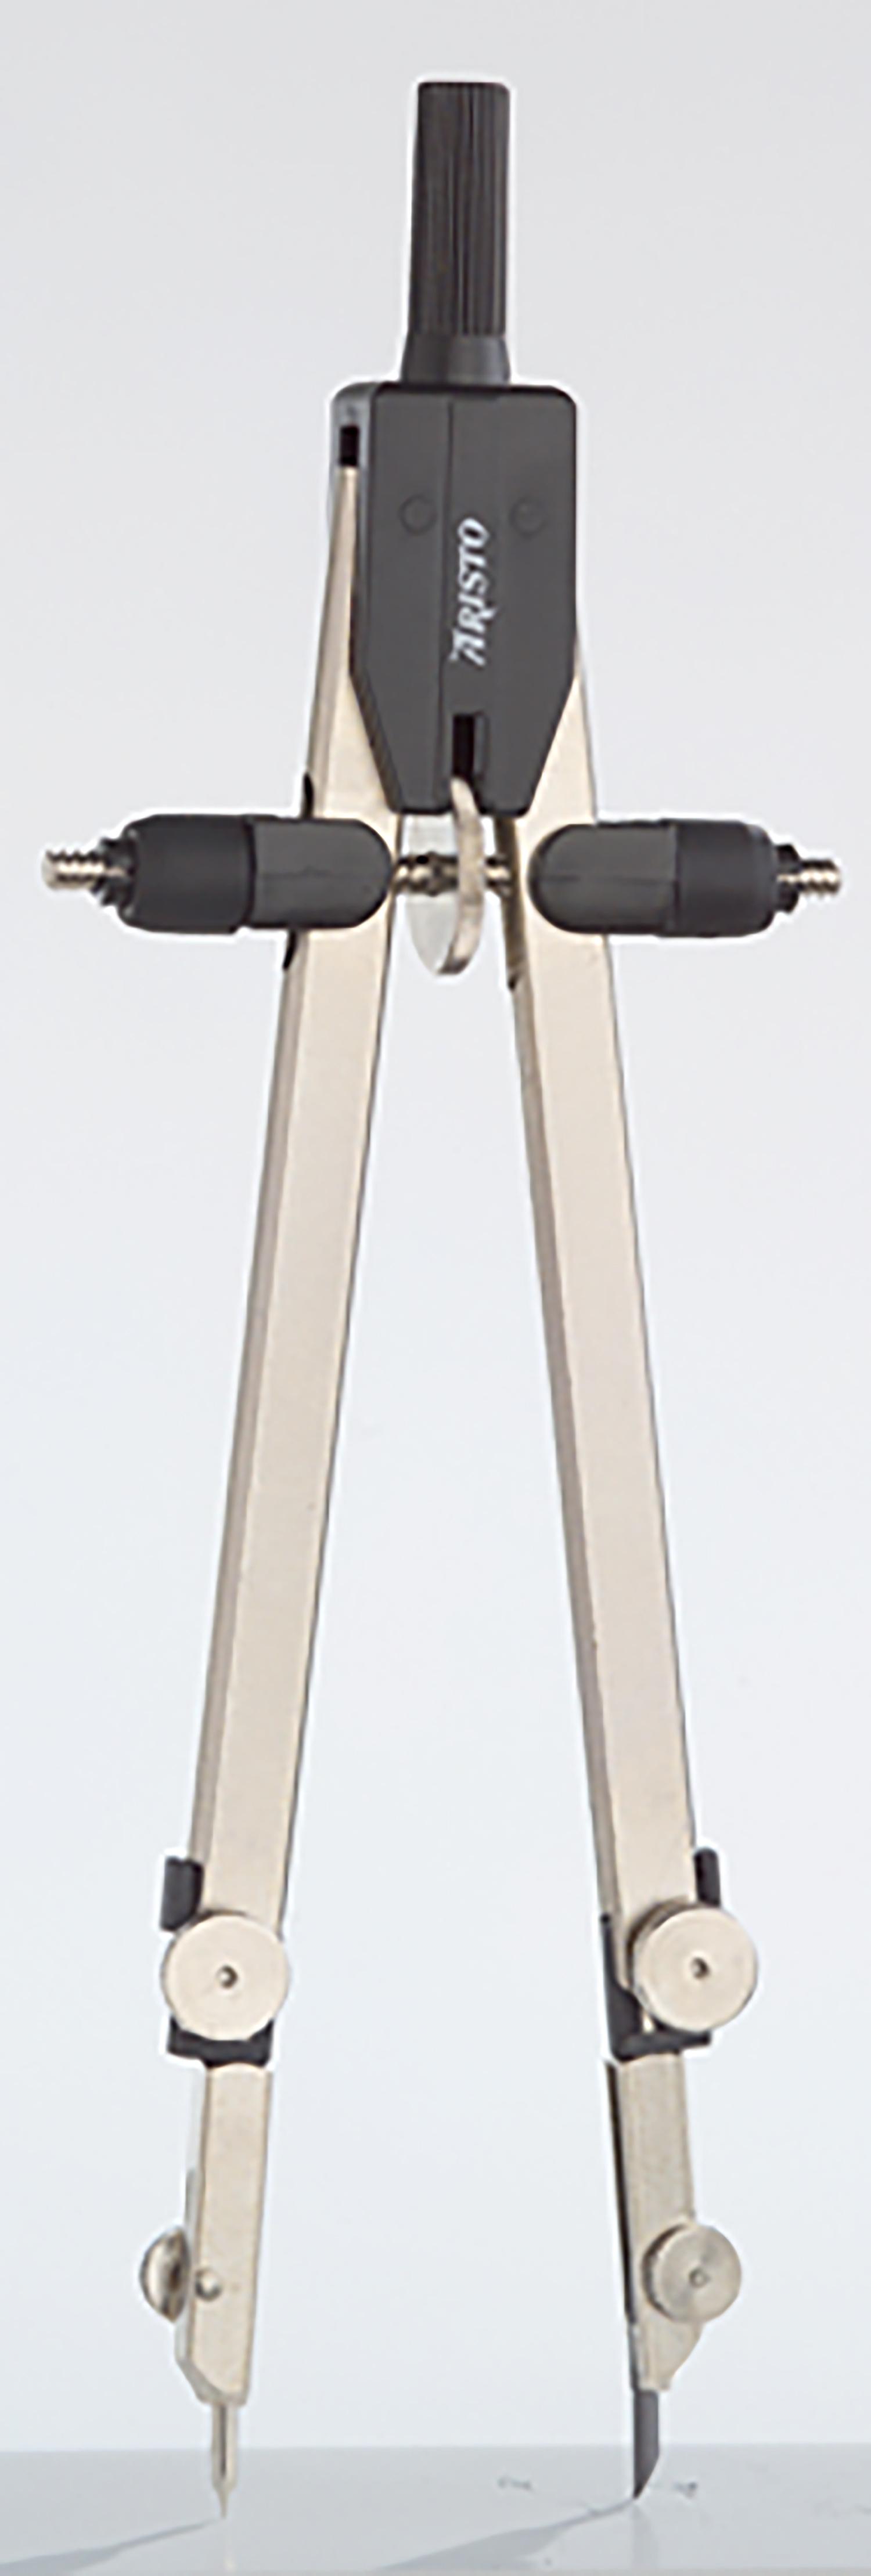 GEO-55490